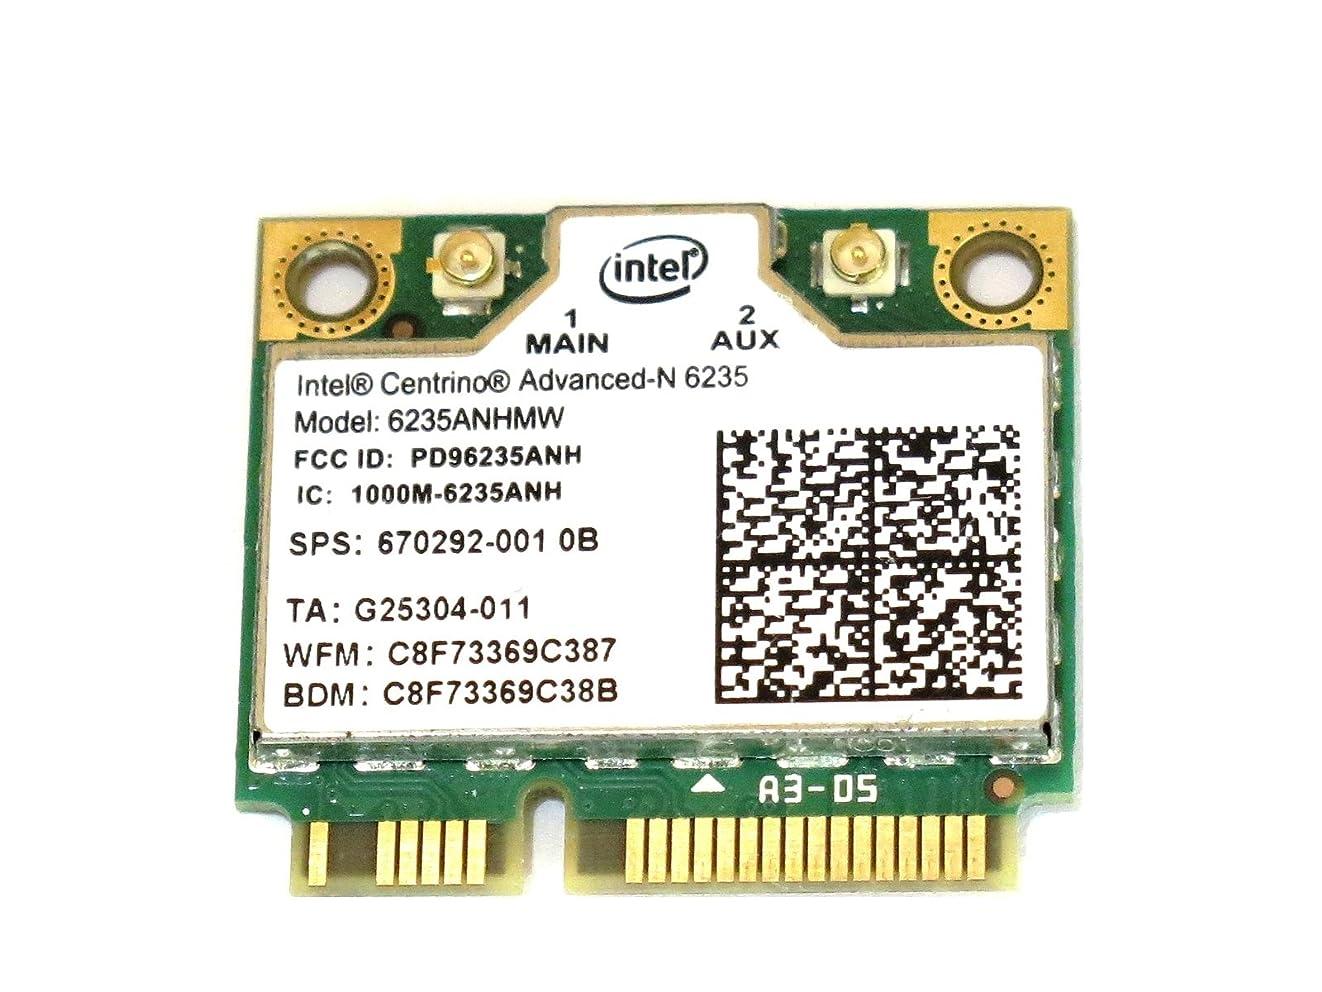 キネマティクス確認してください協会HP 専用 Intel Centrino Advanced-N 6235 802.11a/b/g/n 最大リング300Mbps WIFI +BlueTooth 4.0 無線LANカード for EENVY4 ENVY6 2710p 2570p  8470p 8570p 6740b 6570b 4540s 4441s